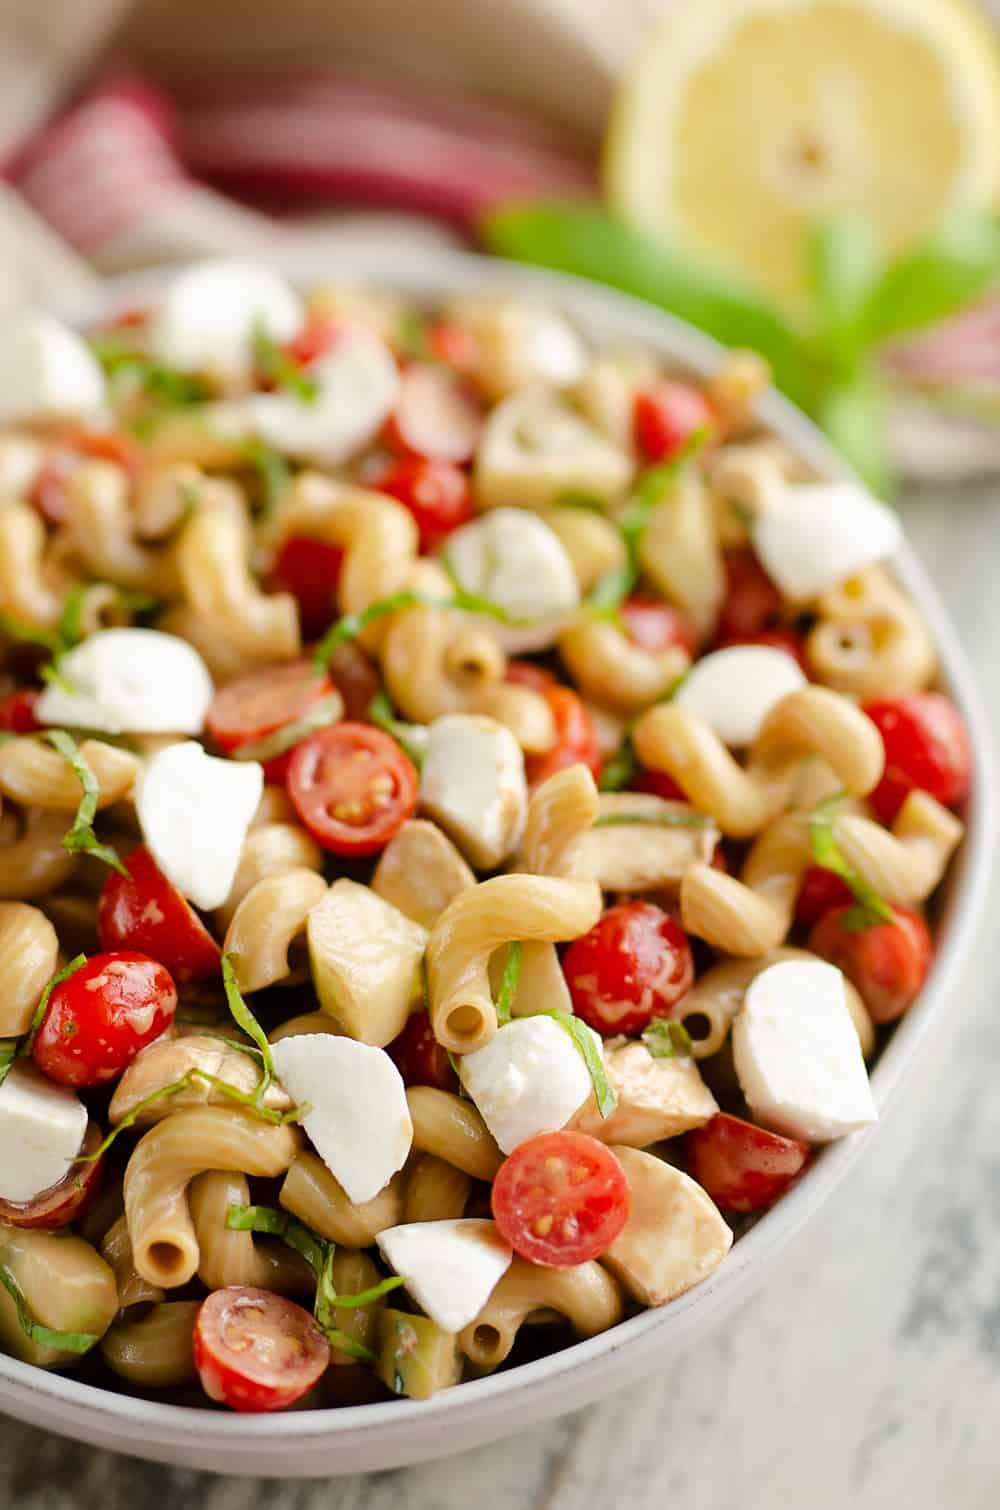 Balsamic Caprese Pasta Salad in large bowl